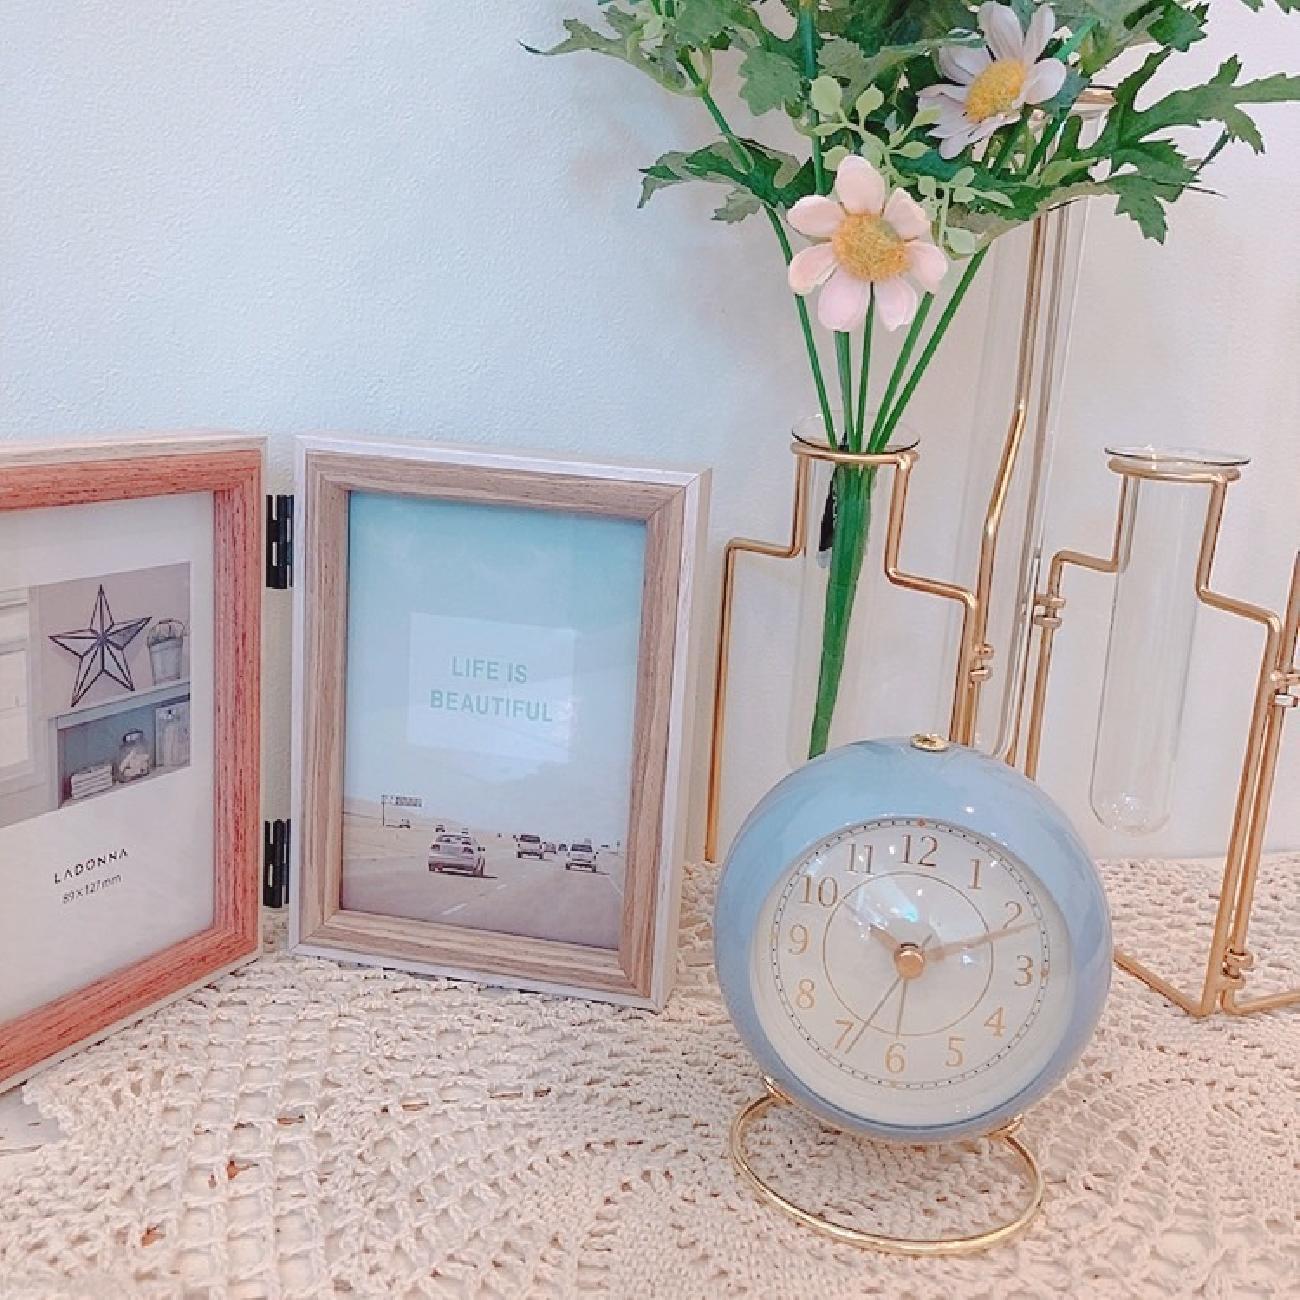 時計/目覚まし時計/マルモアラームクロック/大人可愛い/インテリア雑貨